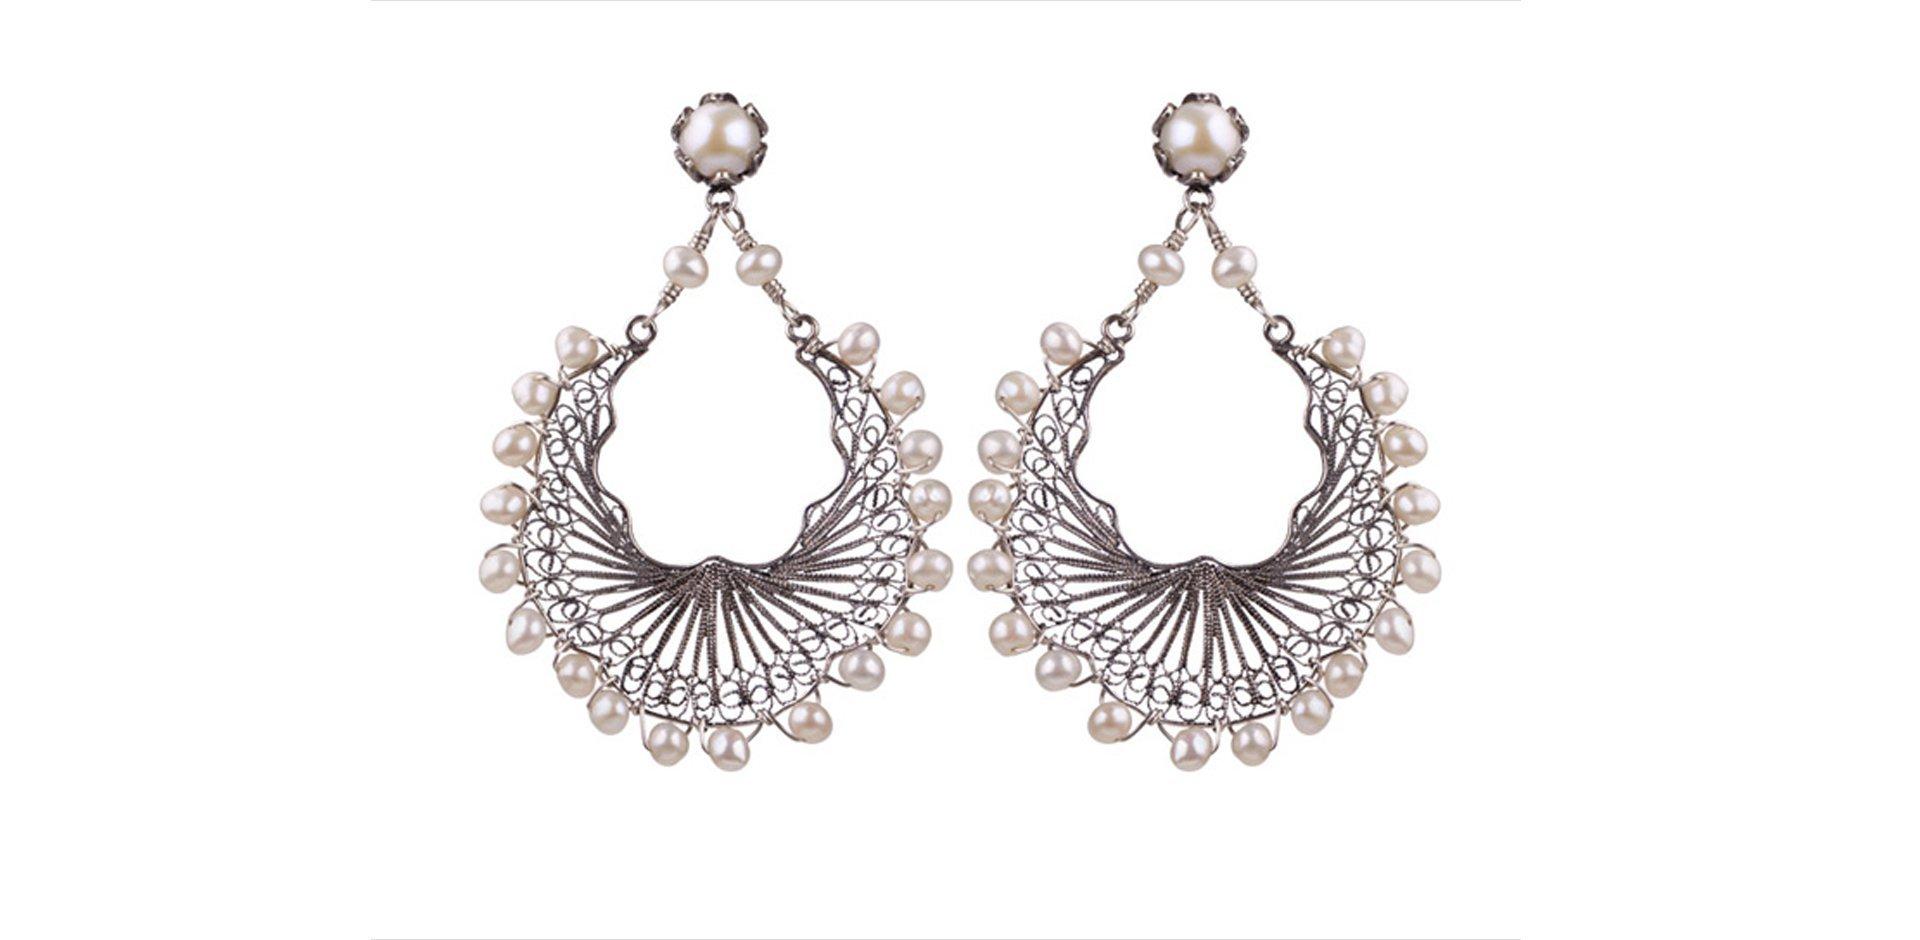 orecchini filigrana, perle, Yvonne christa, gioielli, festa della donna,